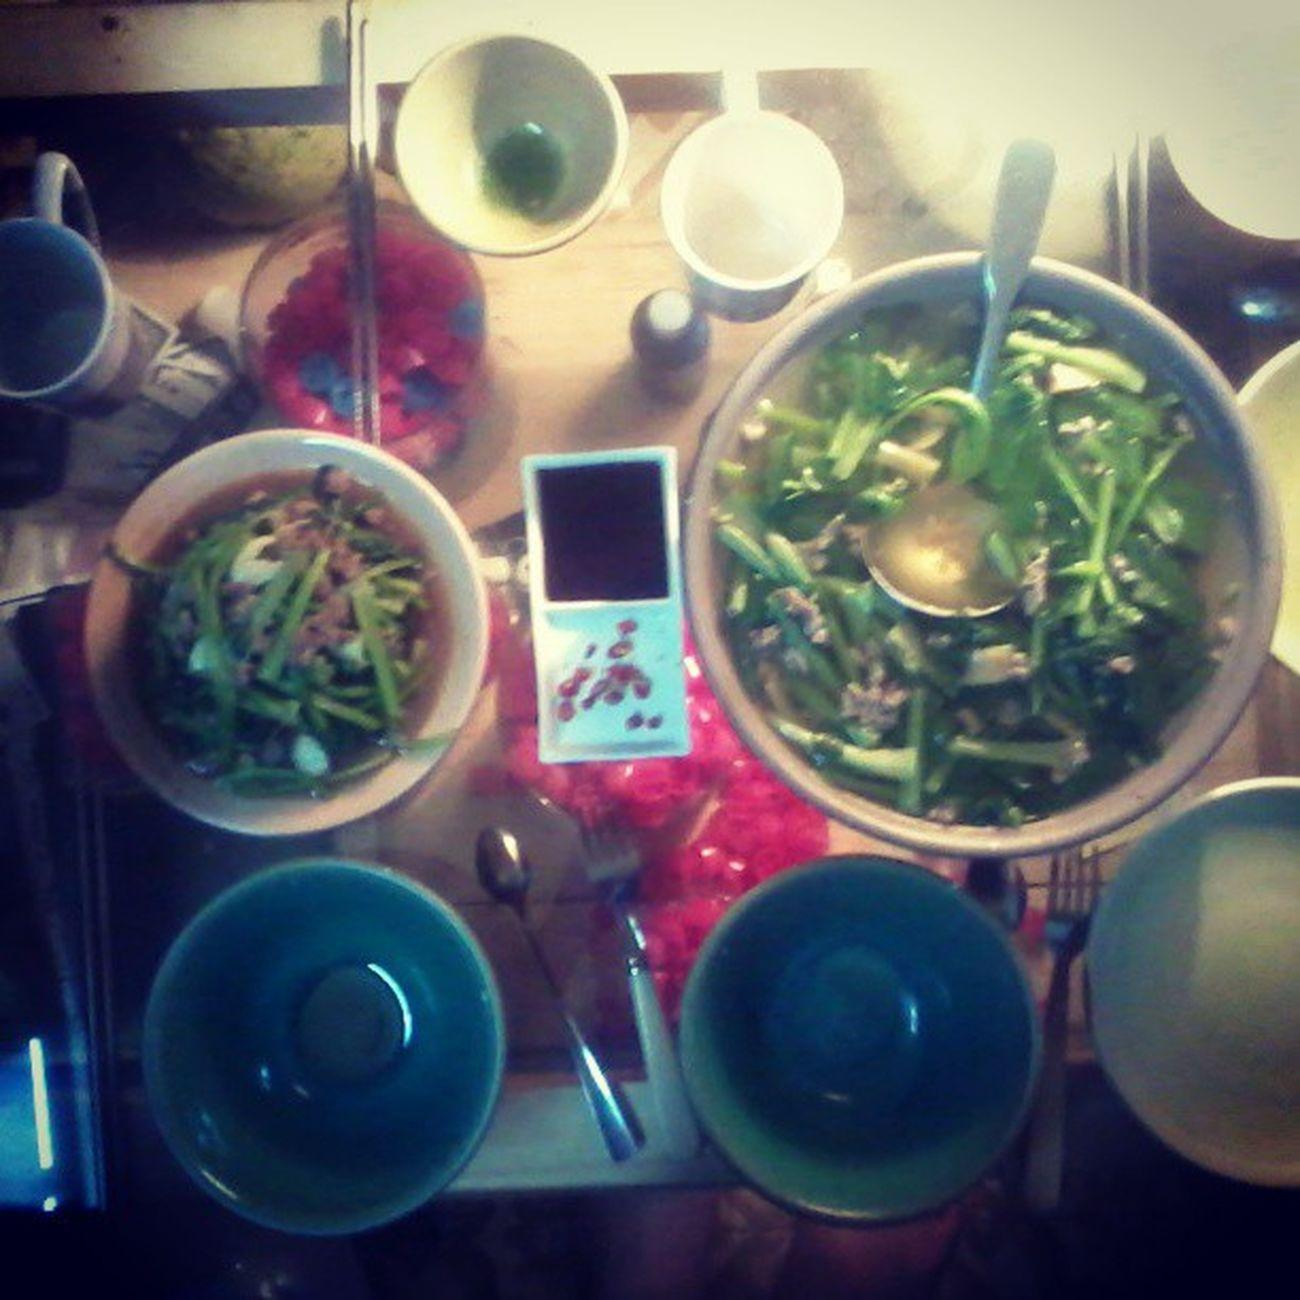 Bữa tối: Canh cải gân bò - Cải xào gân bò.